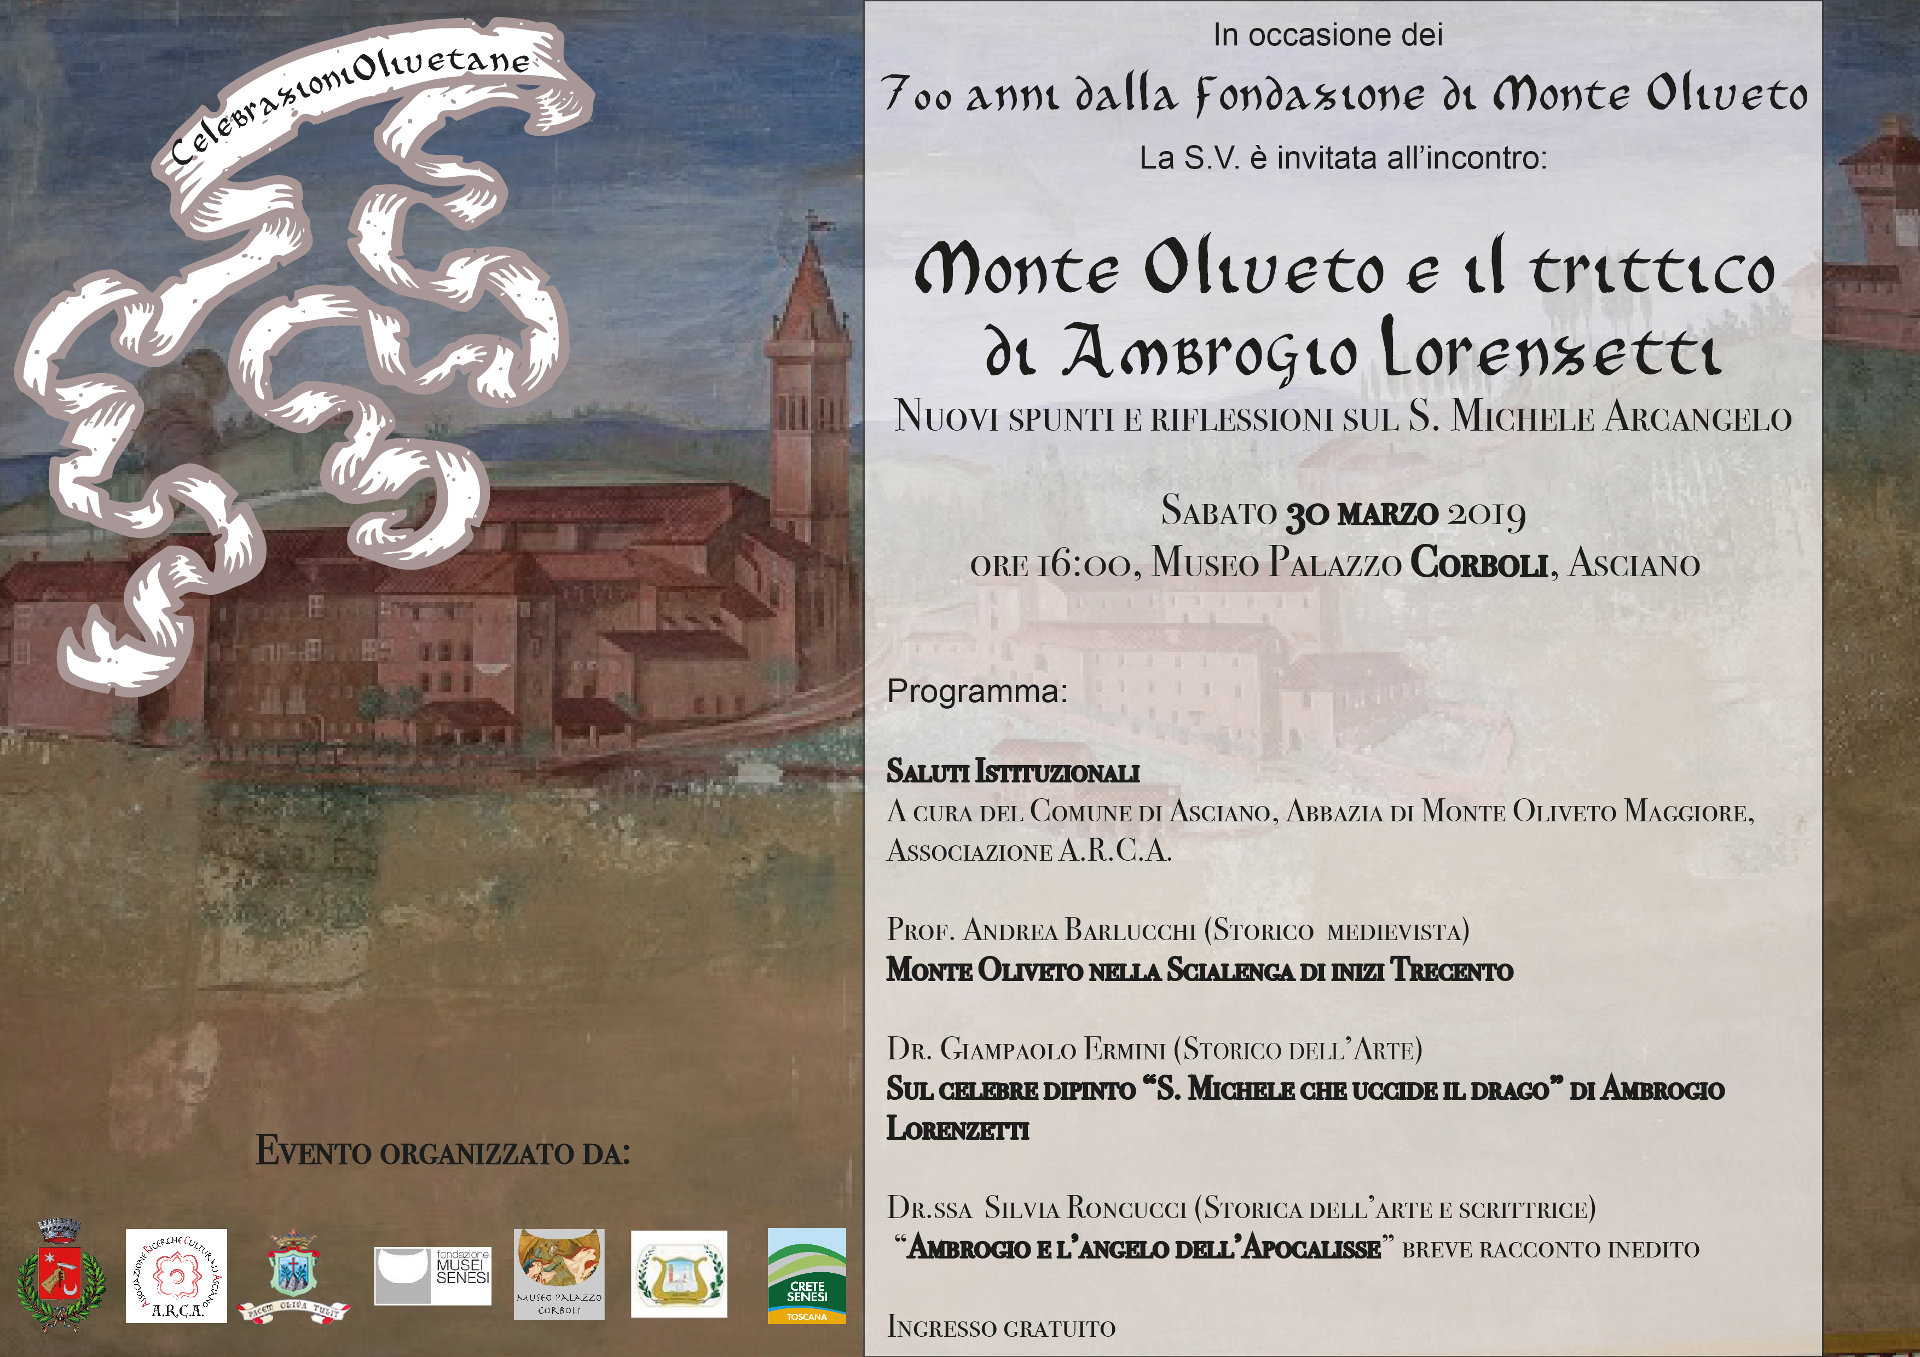 30 marzo 2019 - Celebrazioni Olivetane